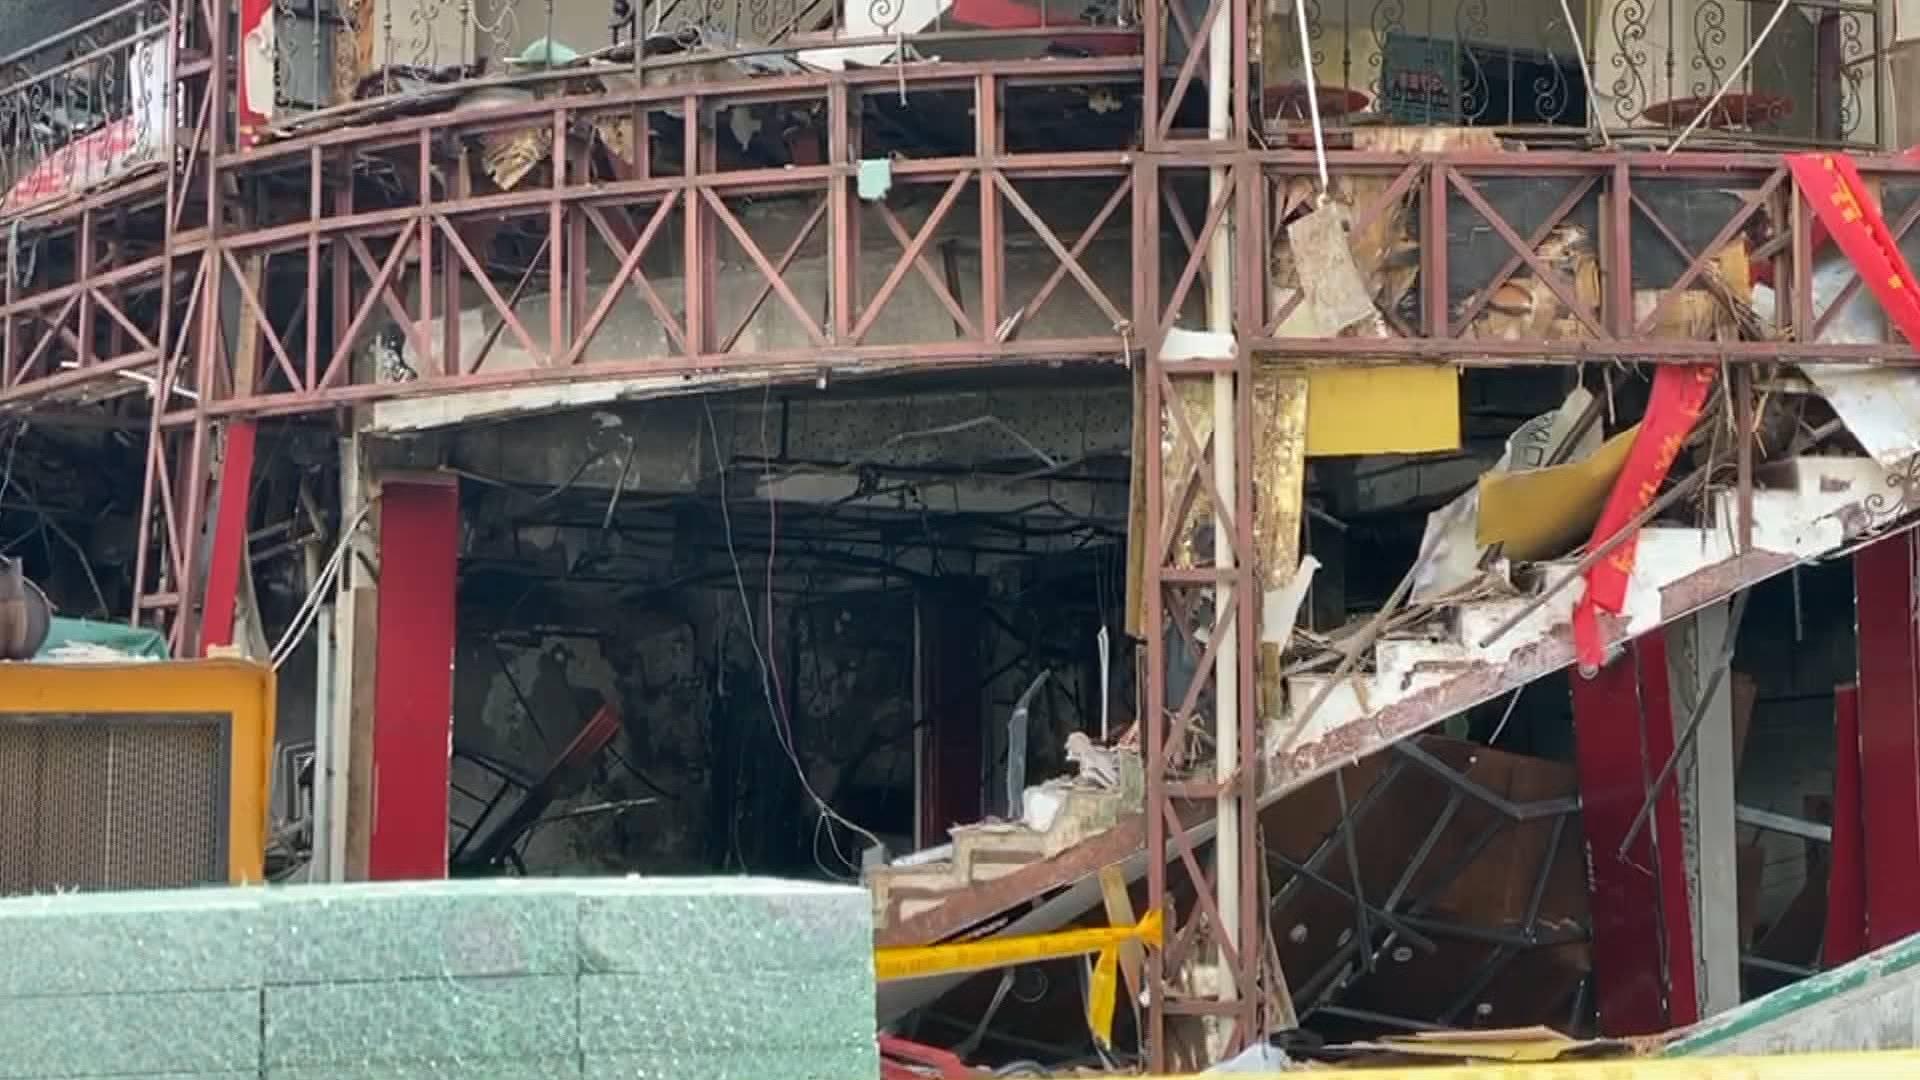 闪电新闻记者实地探访珠海爆炸事发地:部分受波及商铺正待专家勘察定损